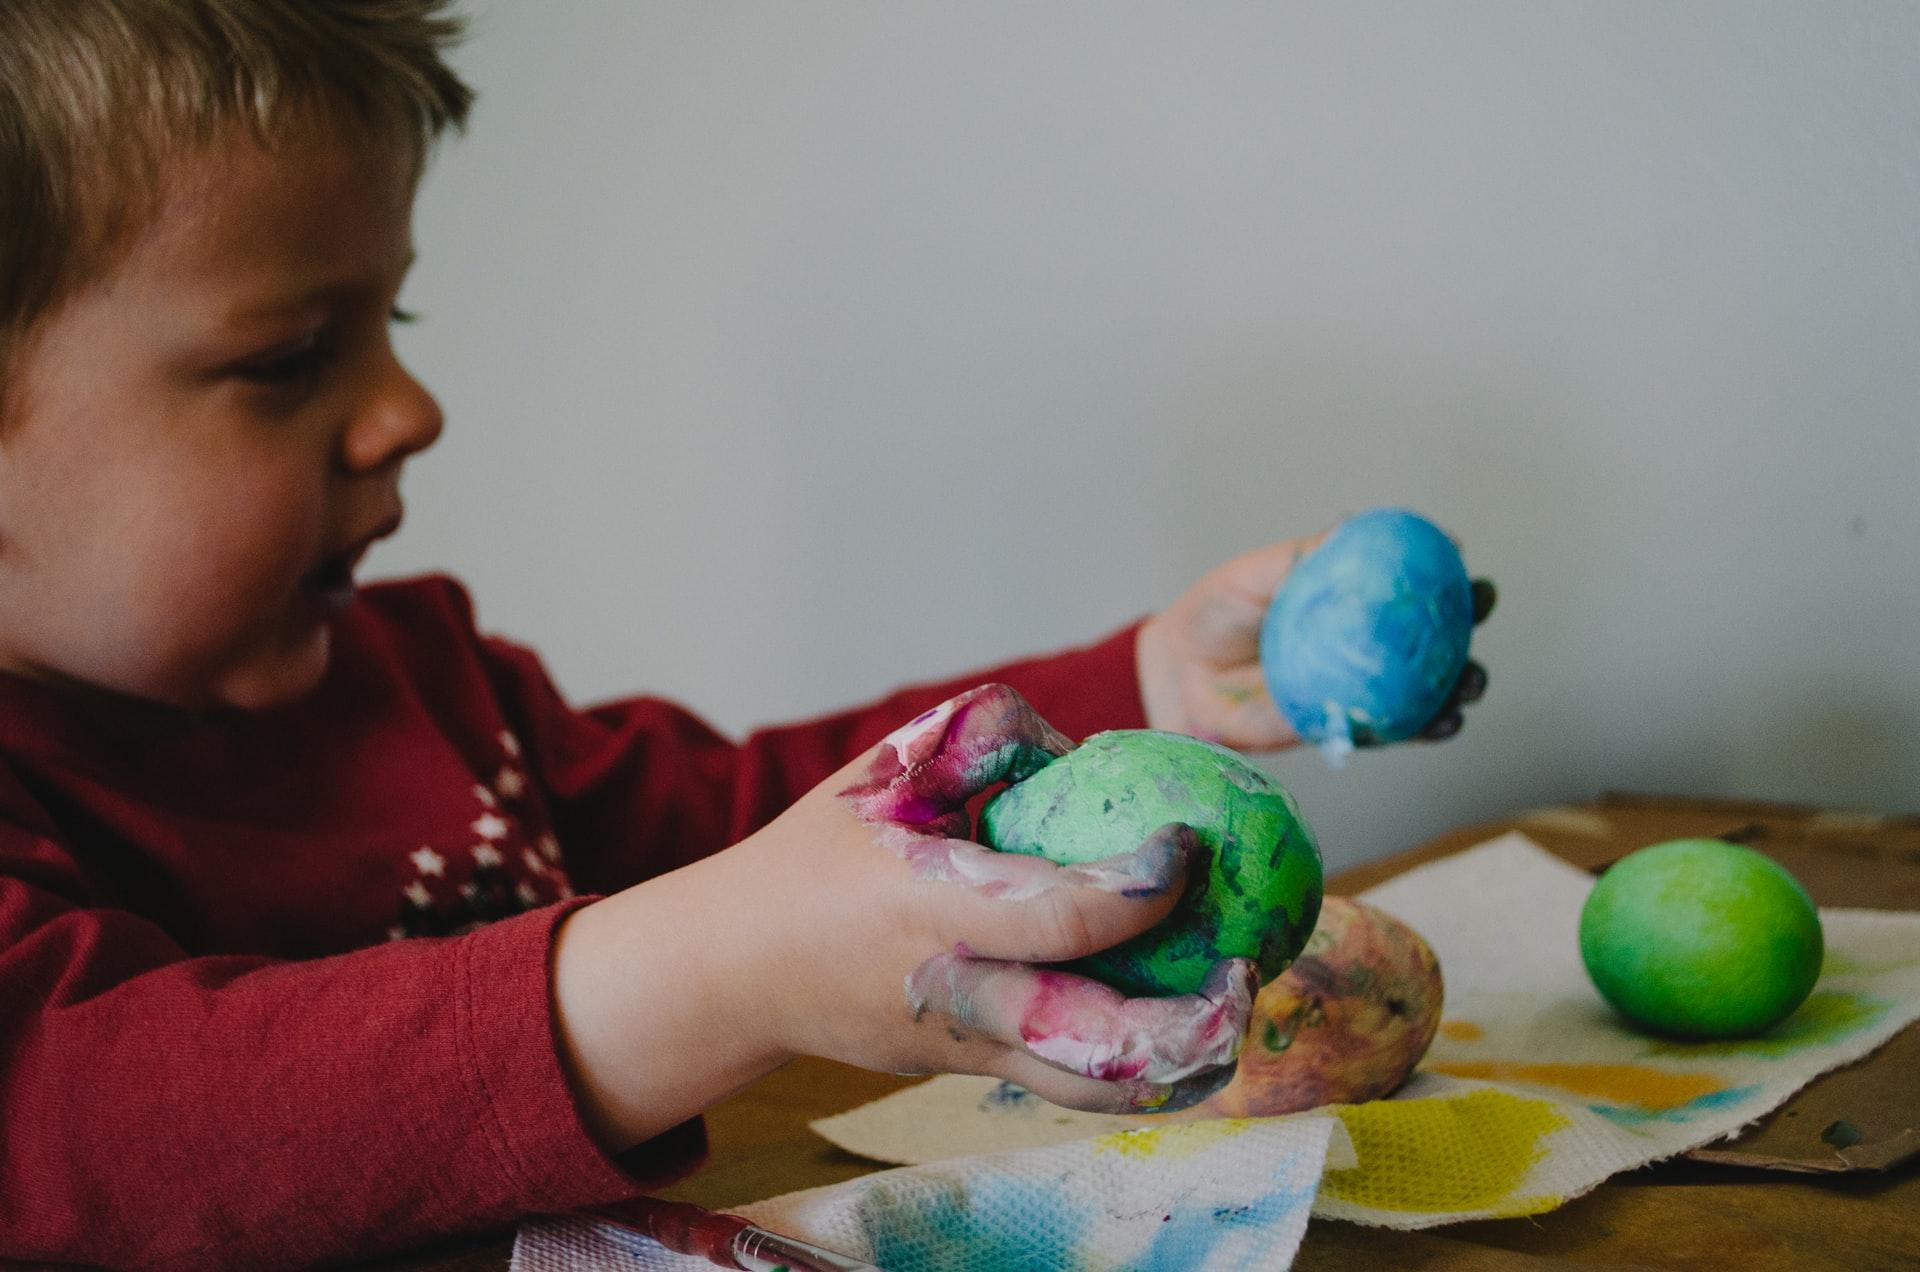 Dziecko maluje ozdoby